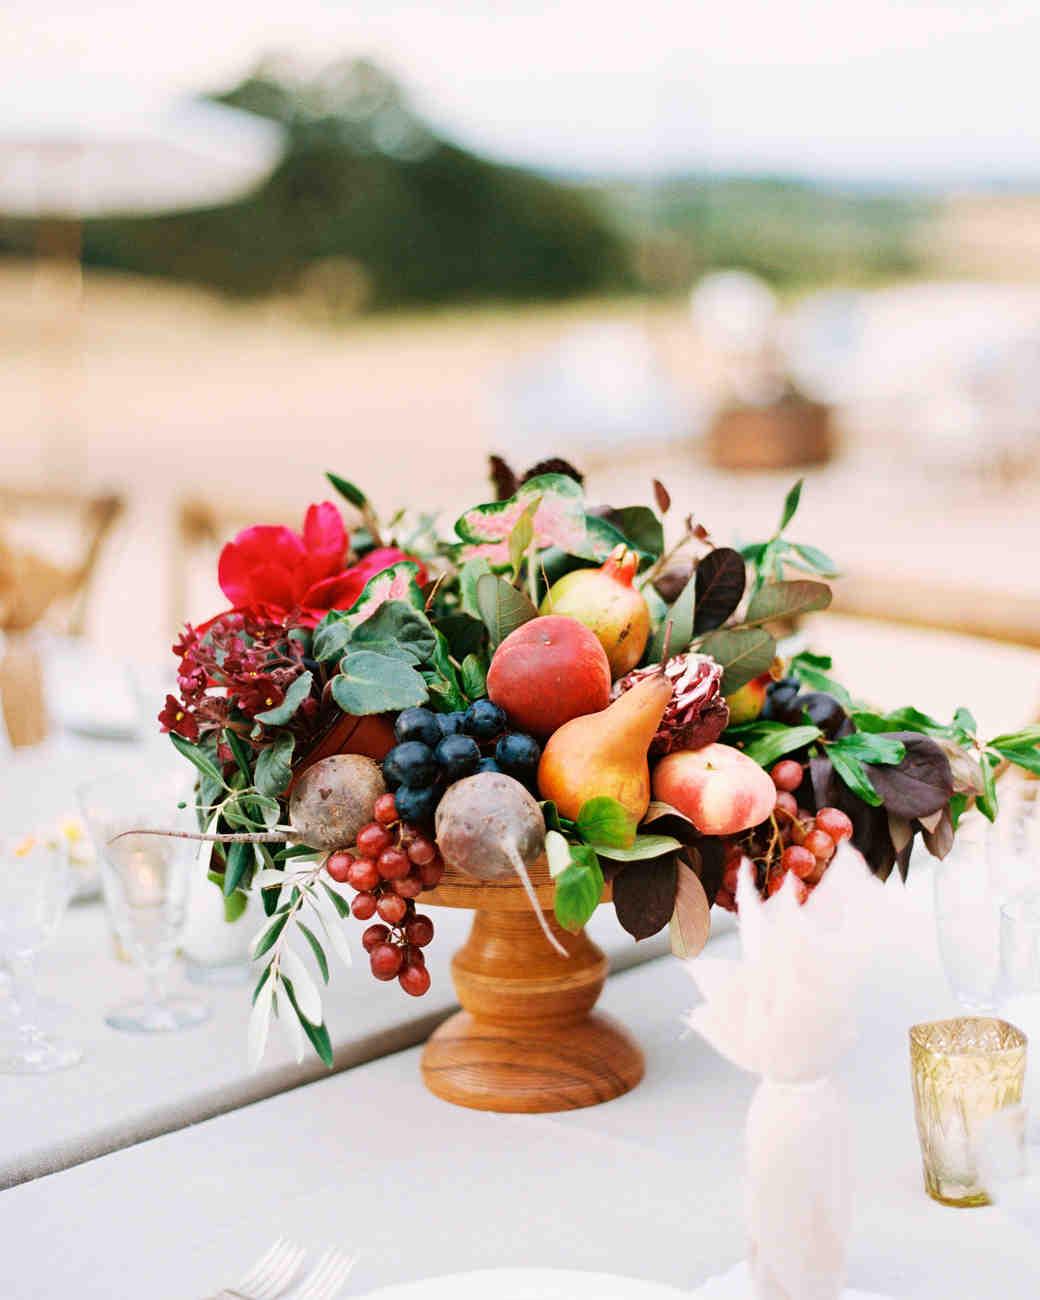 Fall fruit and veg centerpiece